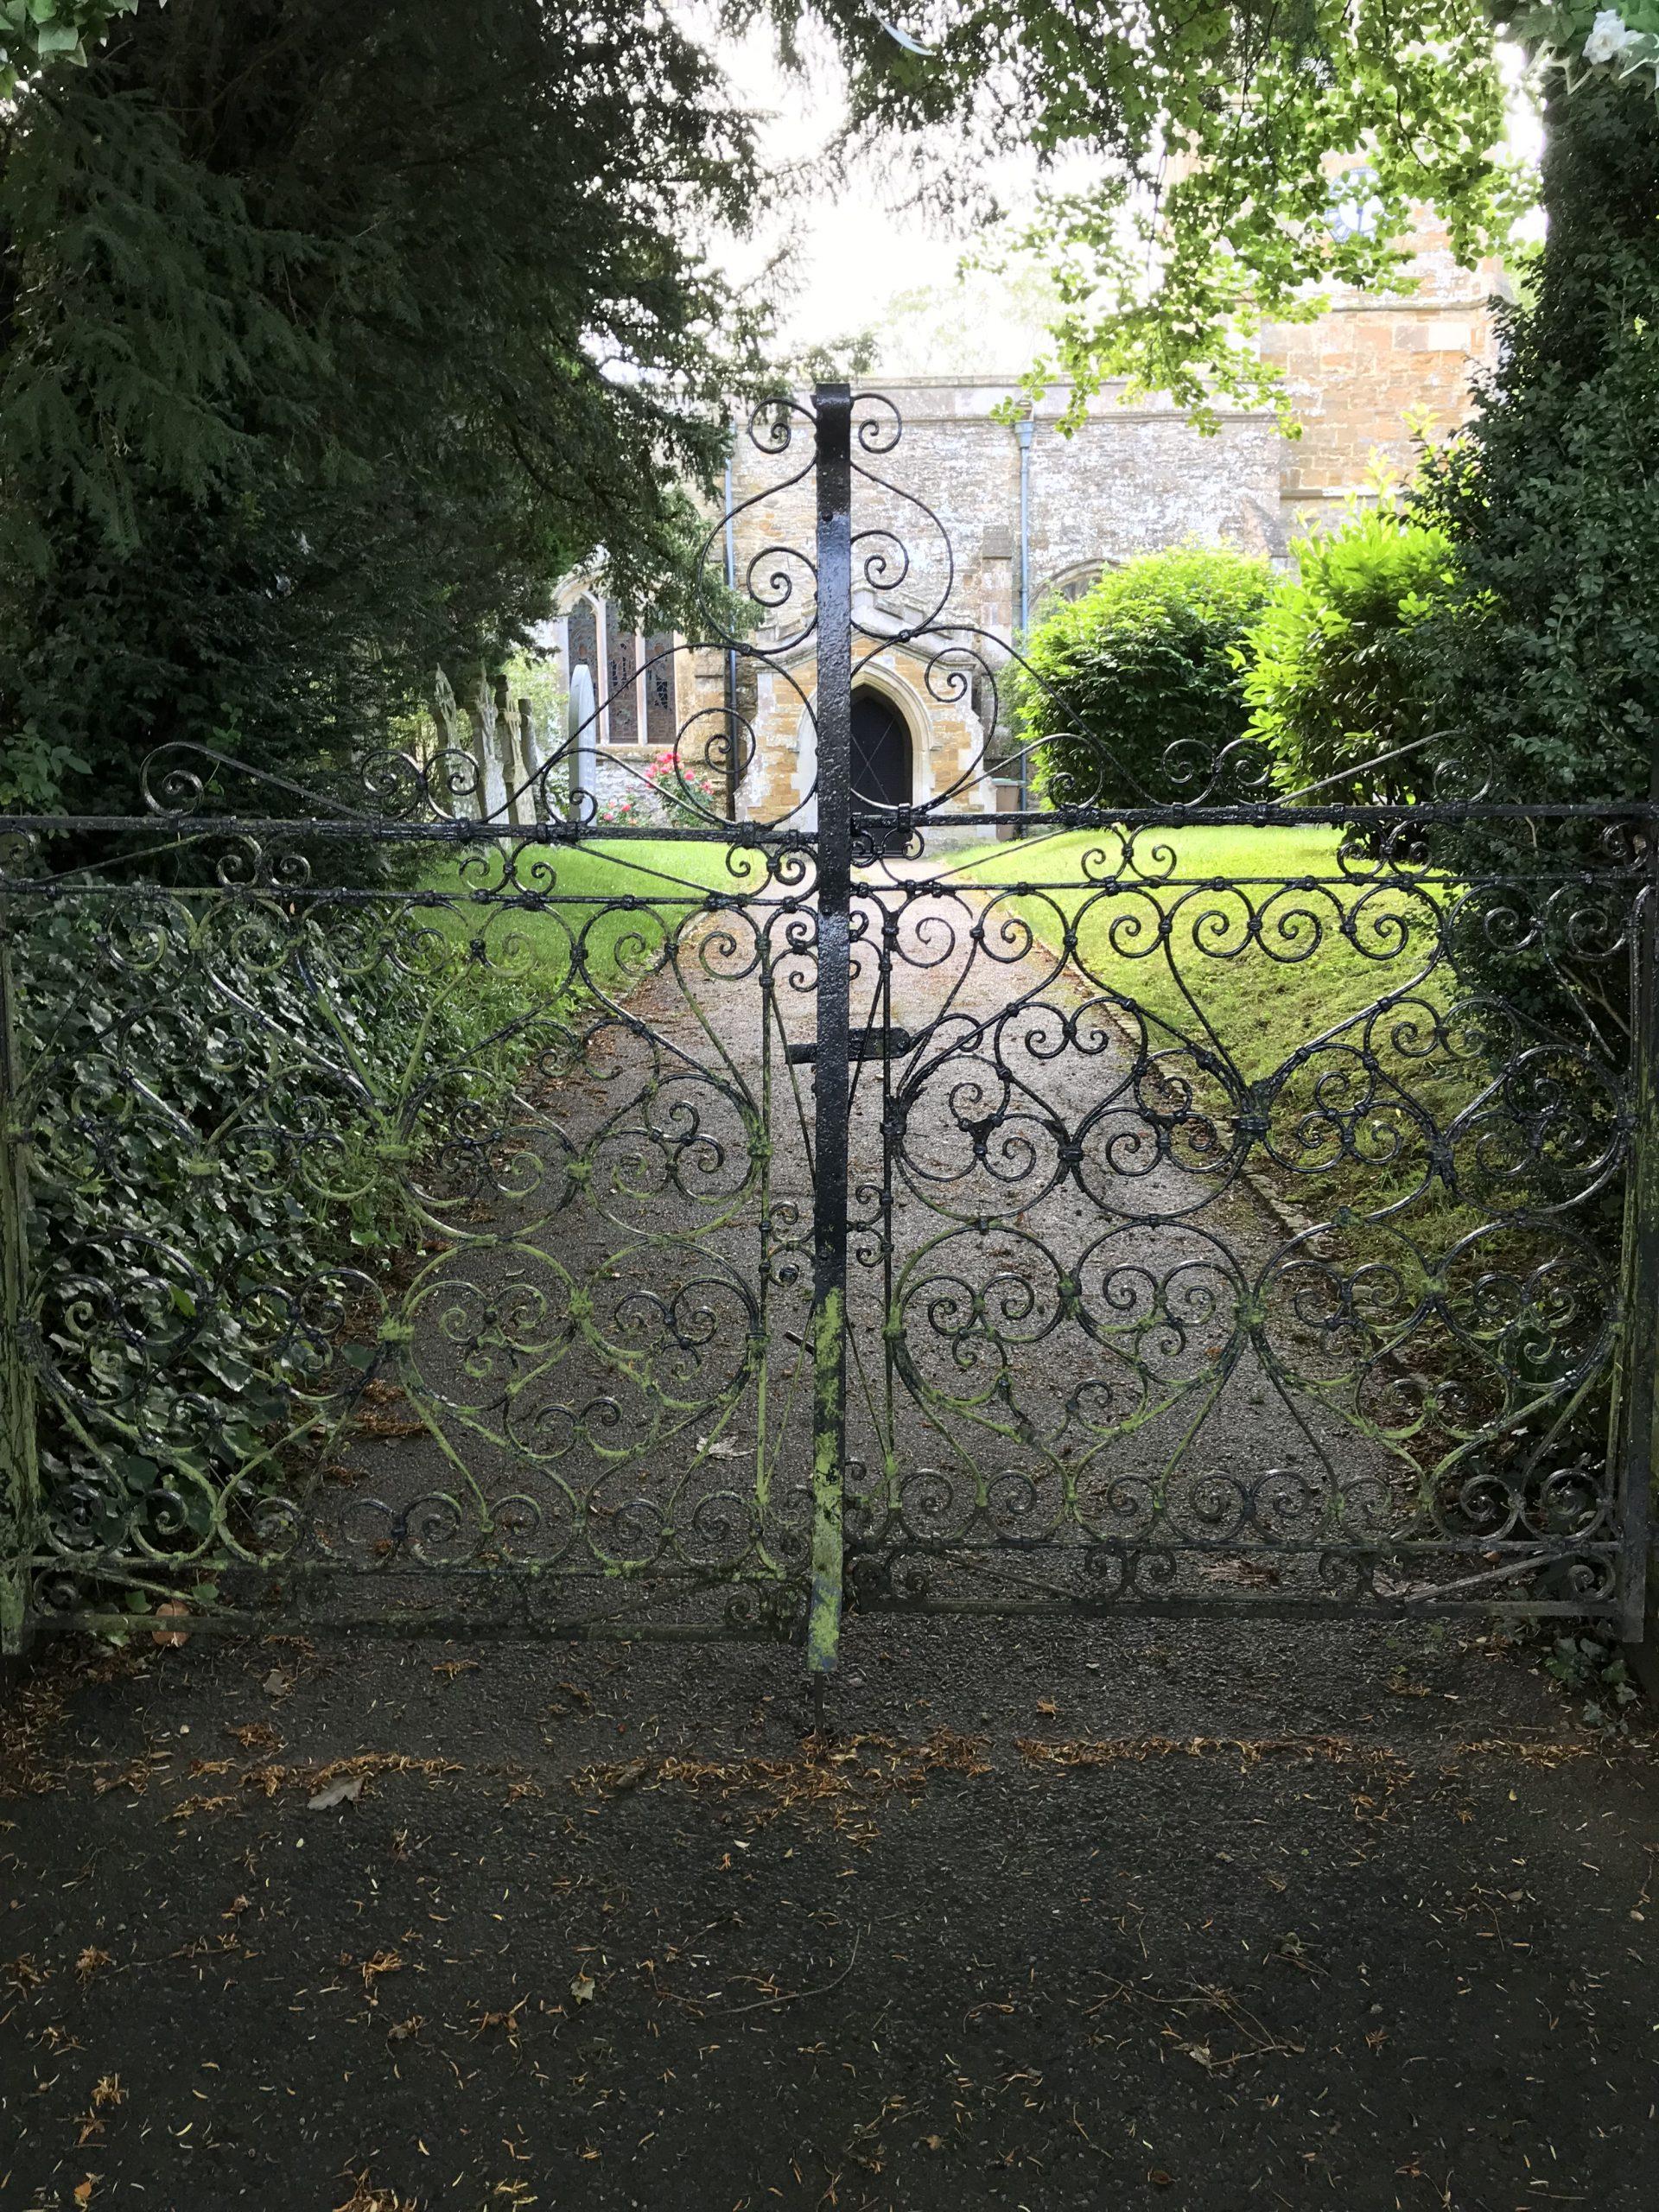 East Farndon WW2 Commemorative Gates